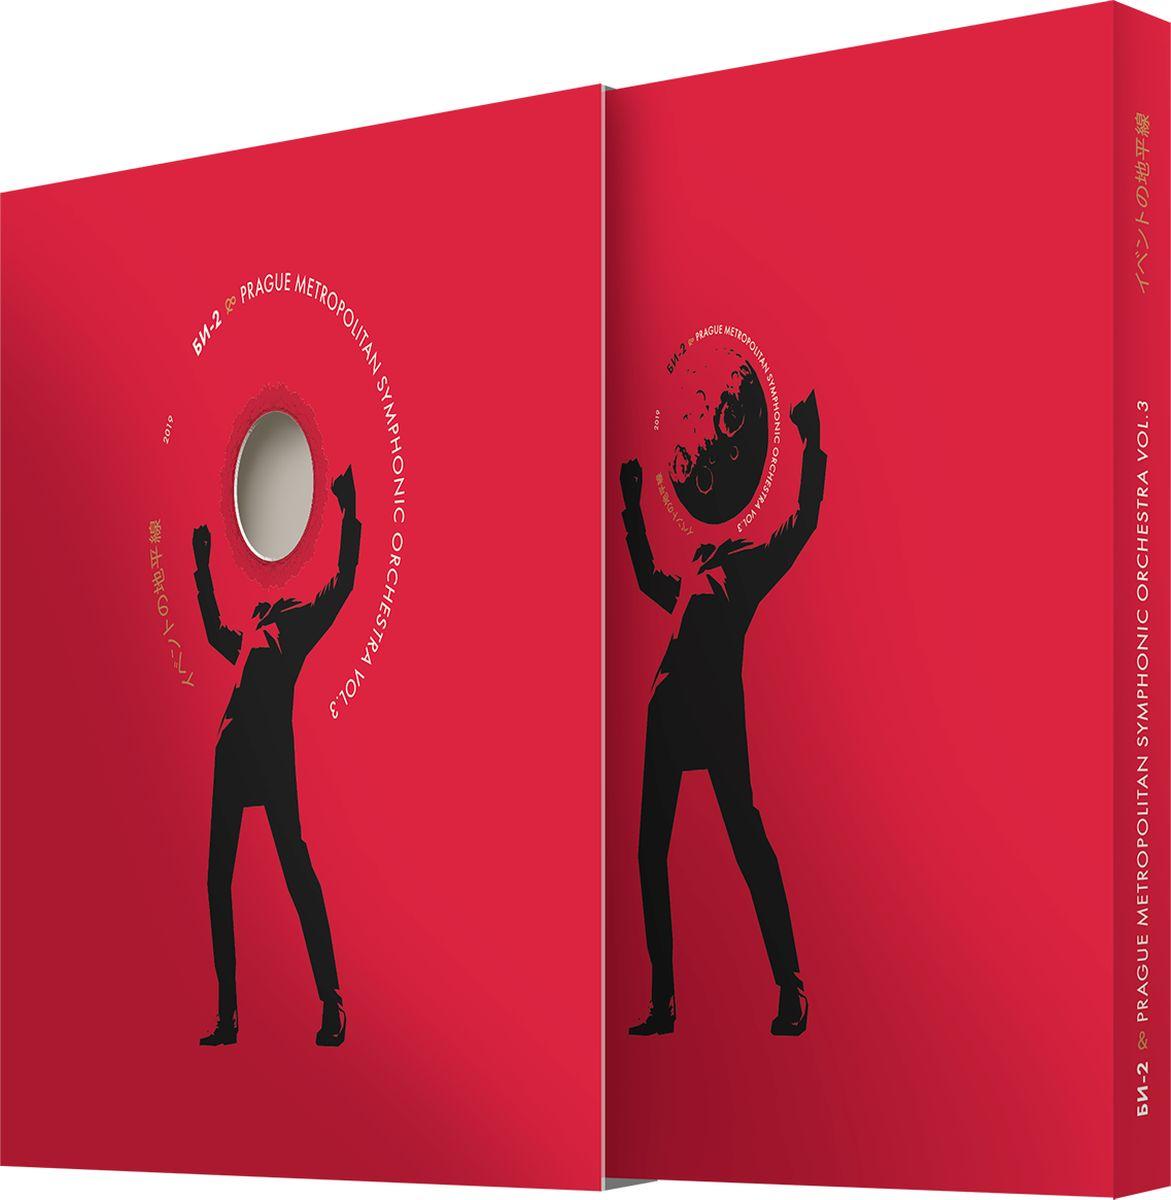 Би-2,Пражский симфонический оркестр Би-2 & Prague Metropolitan Symphonic Orchestra. Vol.3 би 2 – prague metropolitan symphonic orchestra vol 2 cd